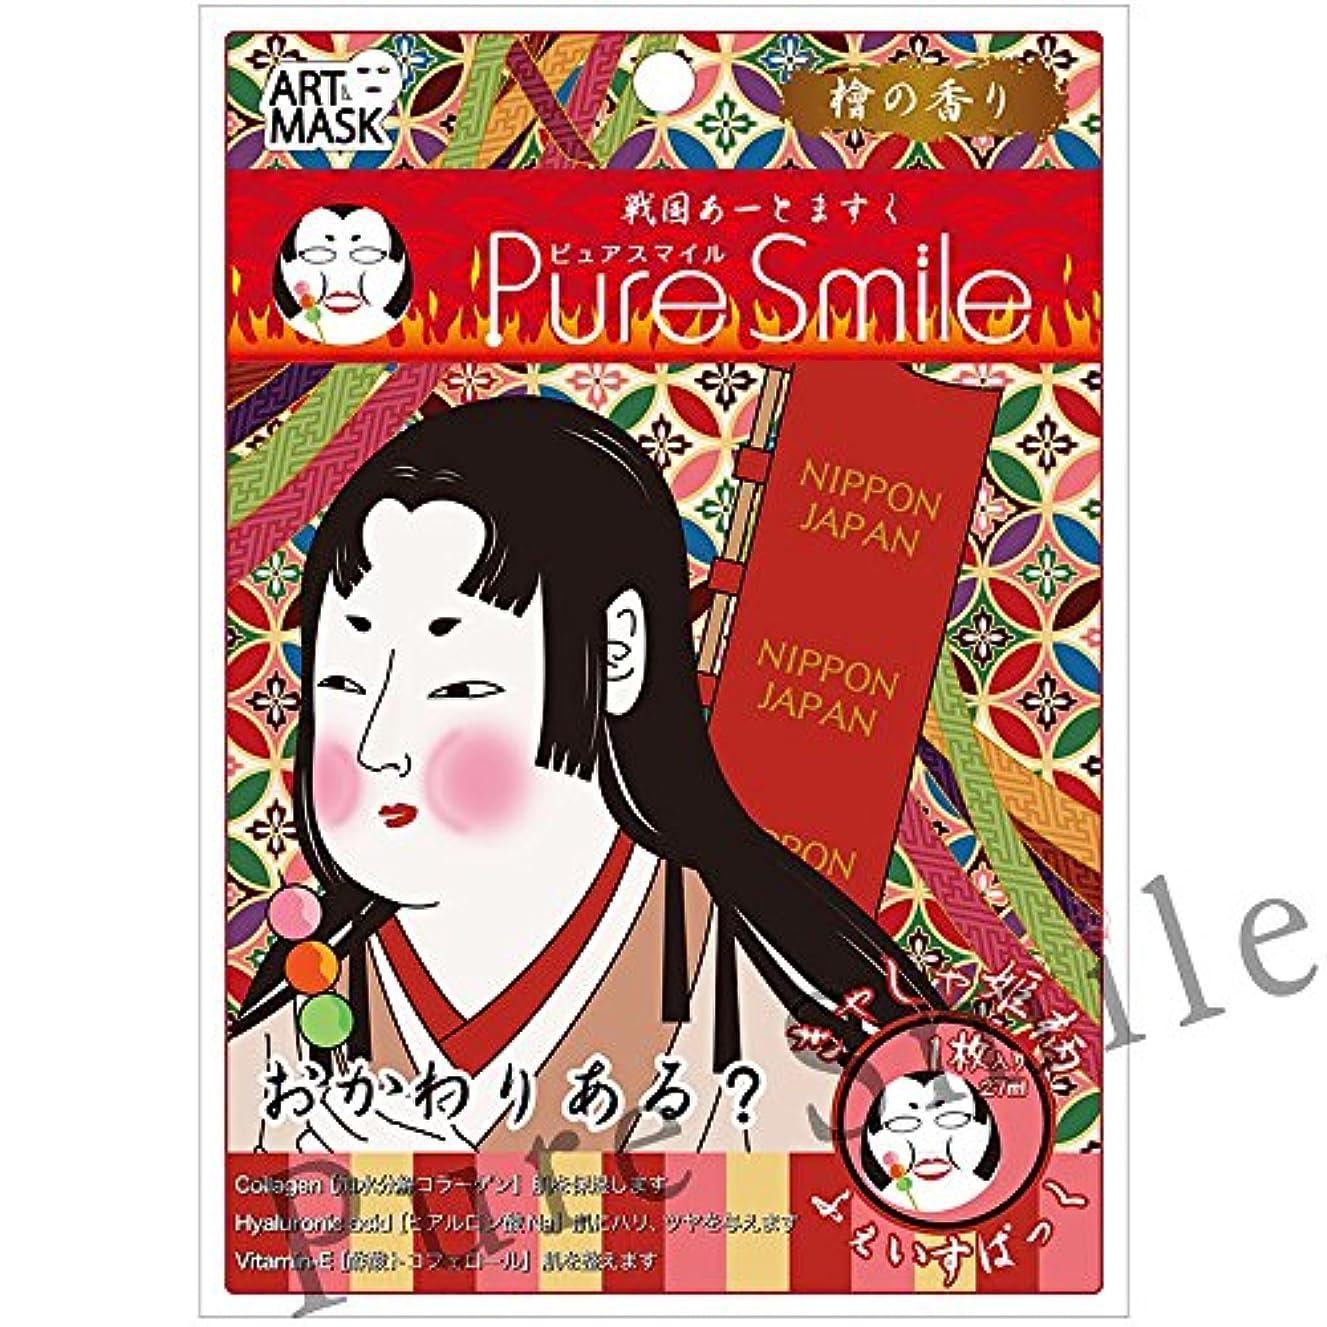 精度幽霊雲Pure Smile(ピュアスマイル) フェイスマスク/アートマスク『戦国アートマスク』(きゃしゃ姫/檜の香り)